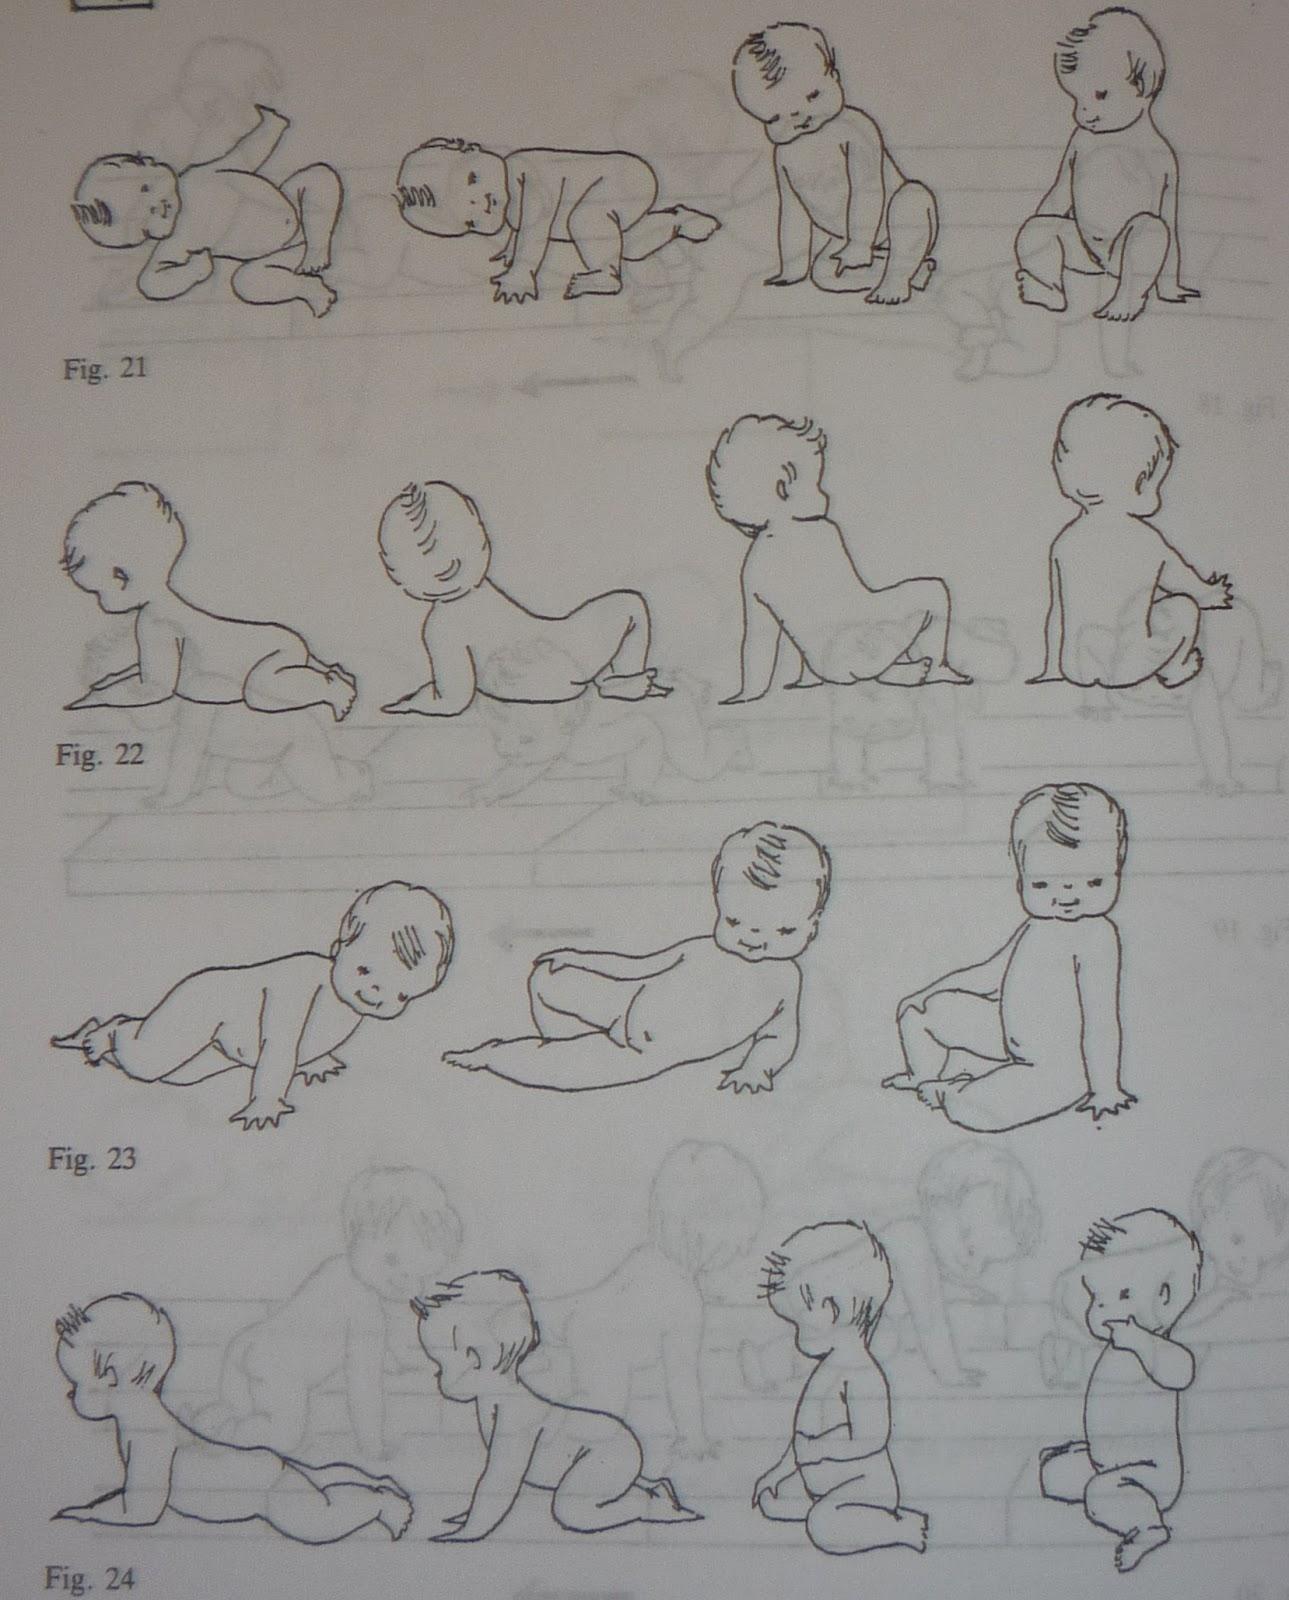 Jugando en familia creando v nculos c mo aprende un beb for Sillas para que los bebes aprendan a sentarse